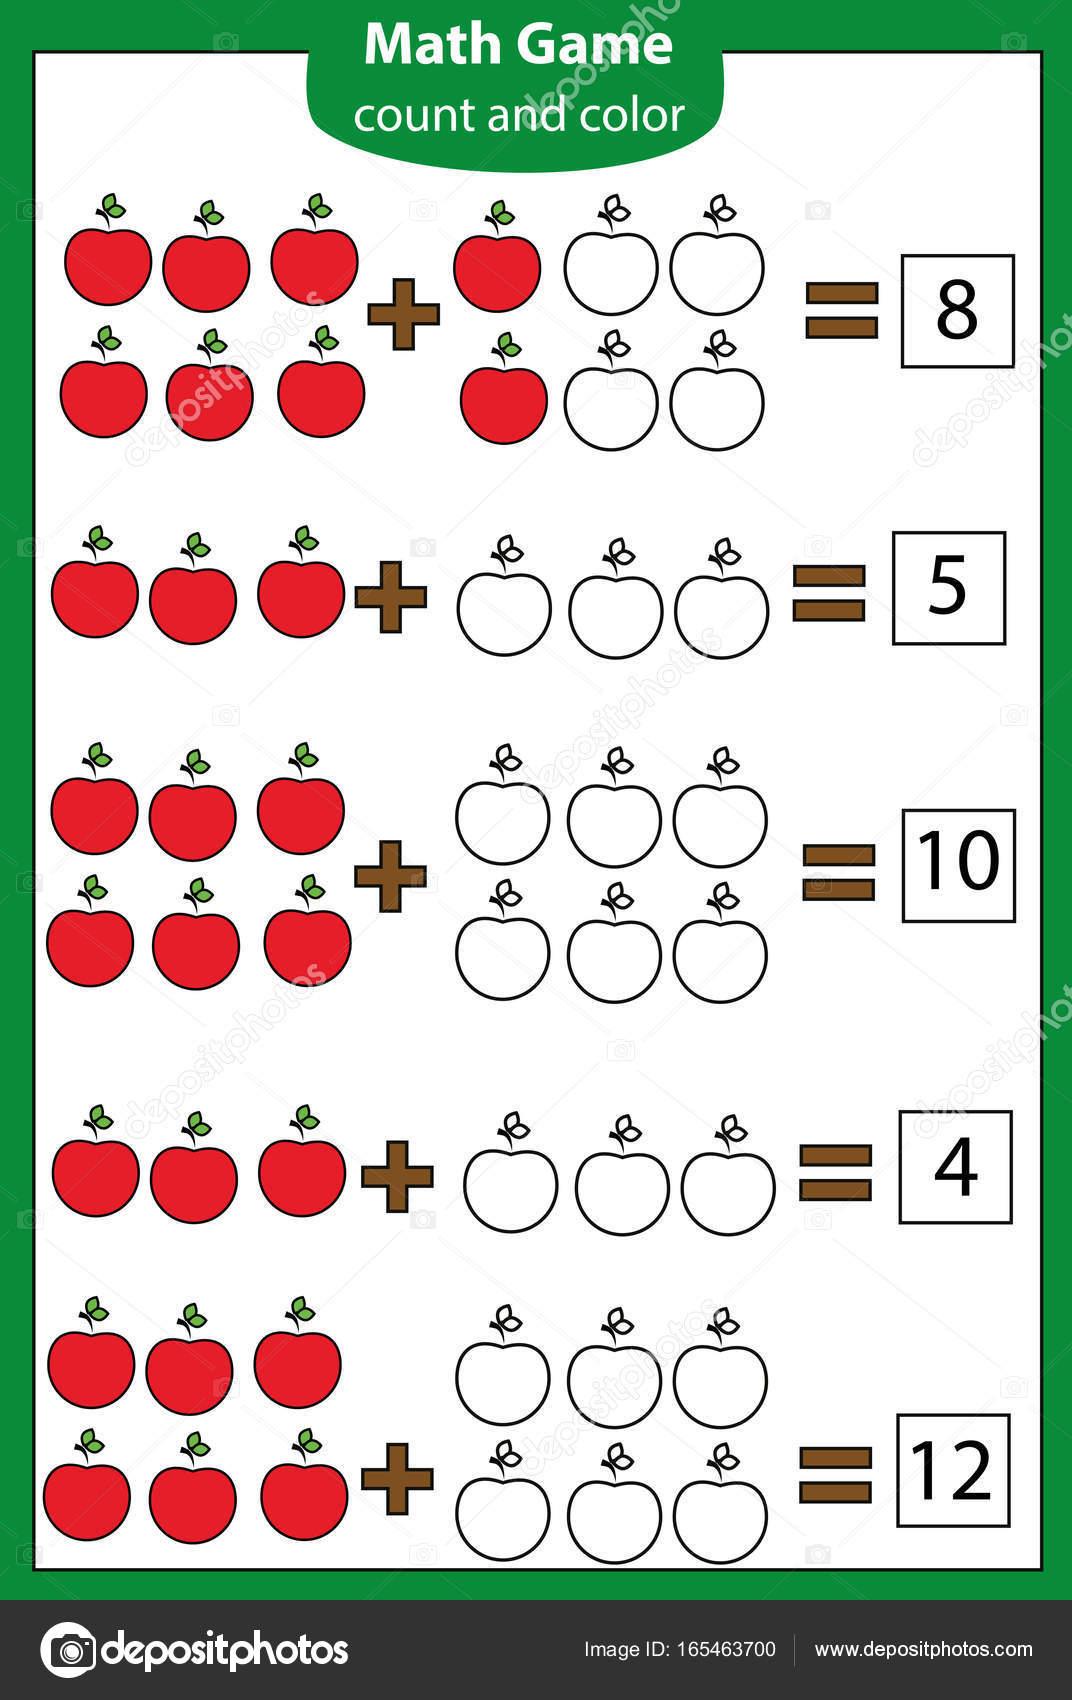 Matematica Jogo Educativo Para Criancas Contando Equacoes